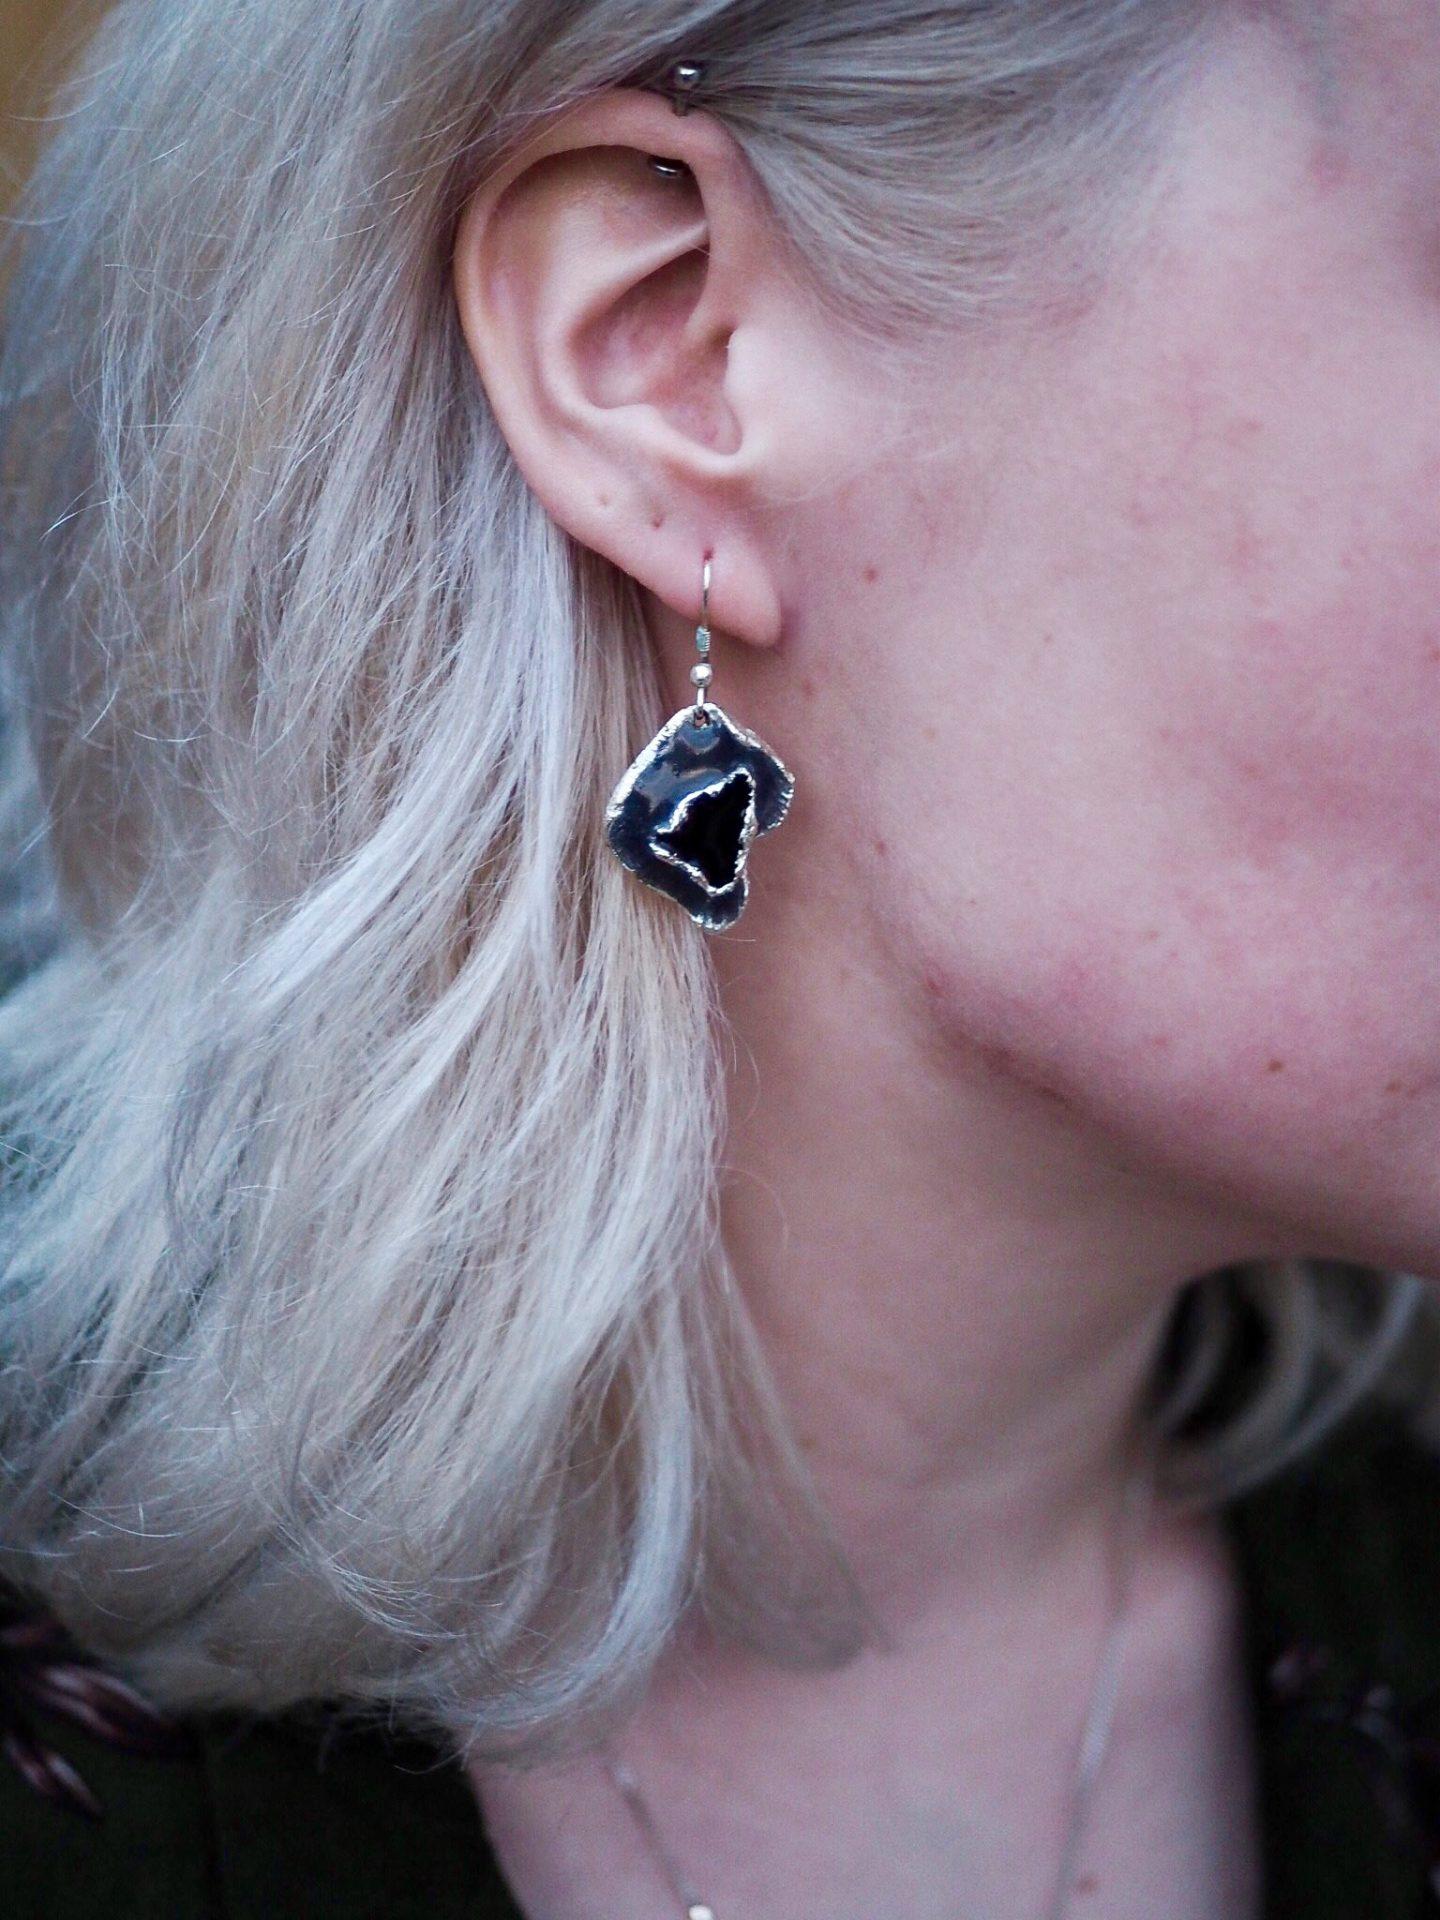 Agate earring in ear